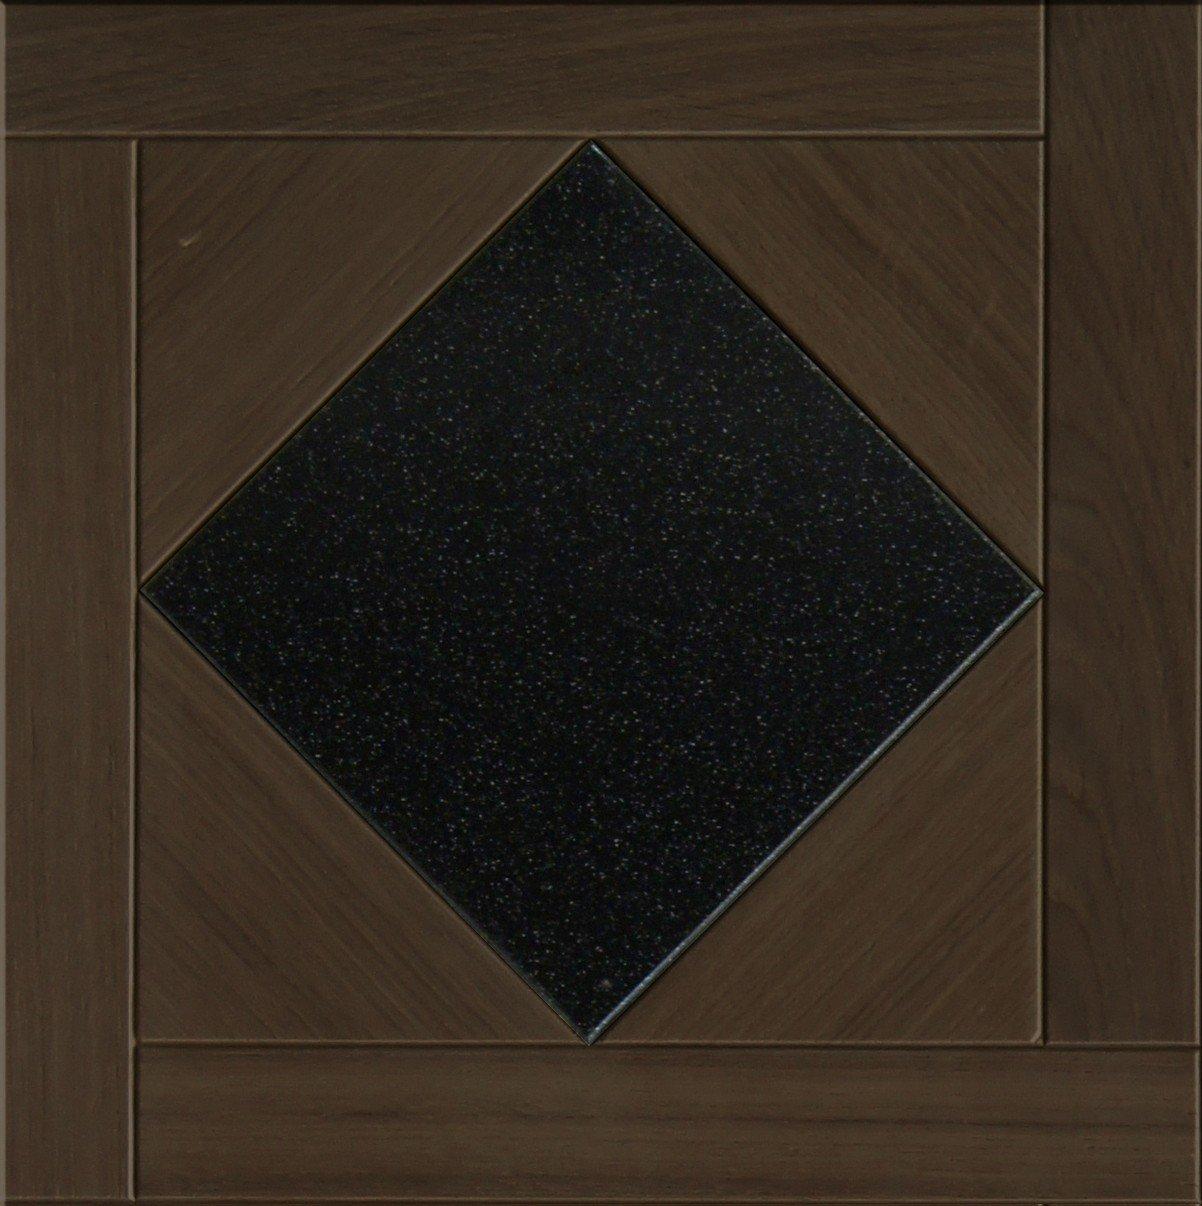 Модульный паркет Da Vinci с камнем 26-006-00363